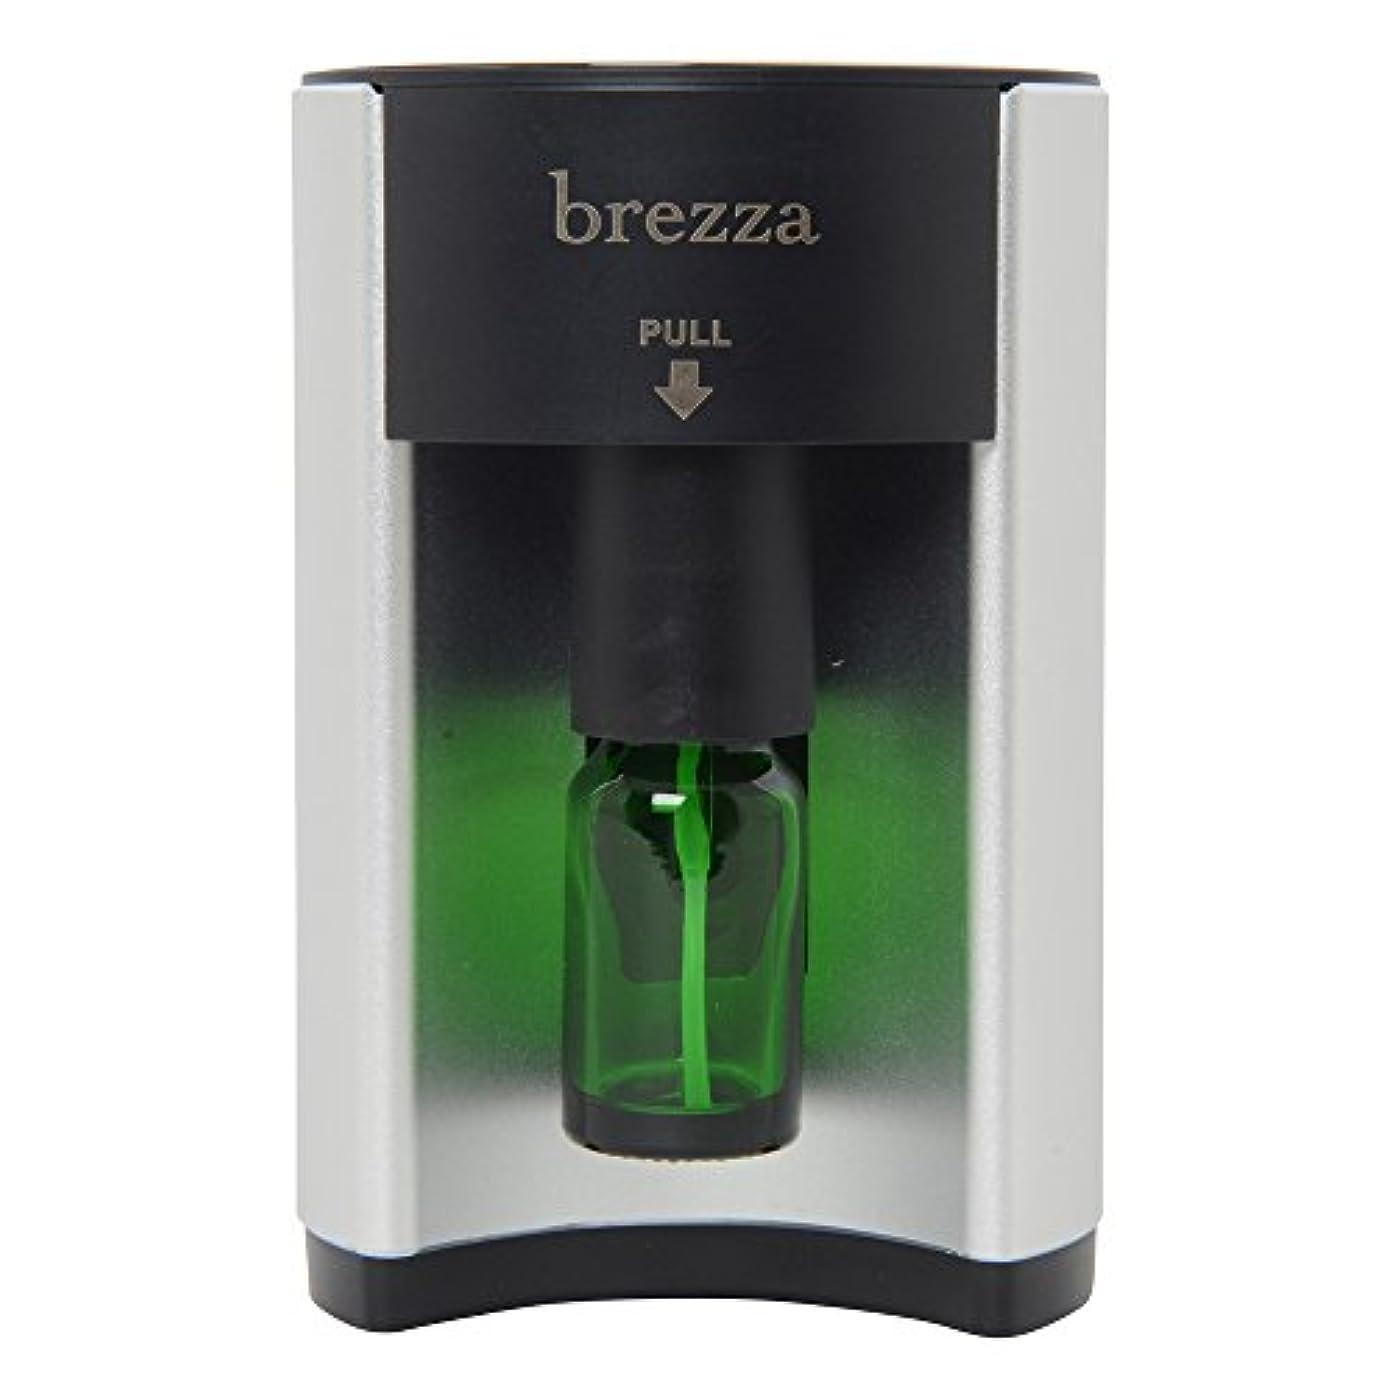 冷蔵するエミュレートするタイピストフレーバーライフ brezza(ブレッザ) アロマディフューザー